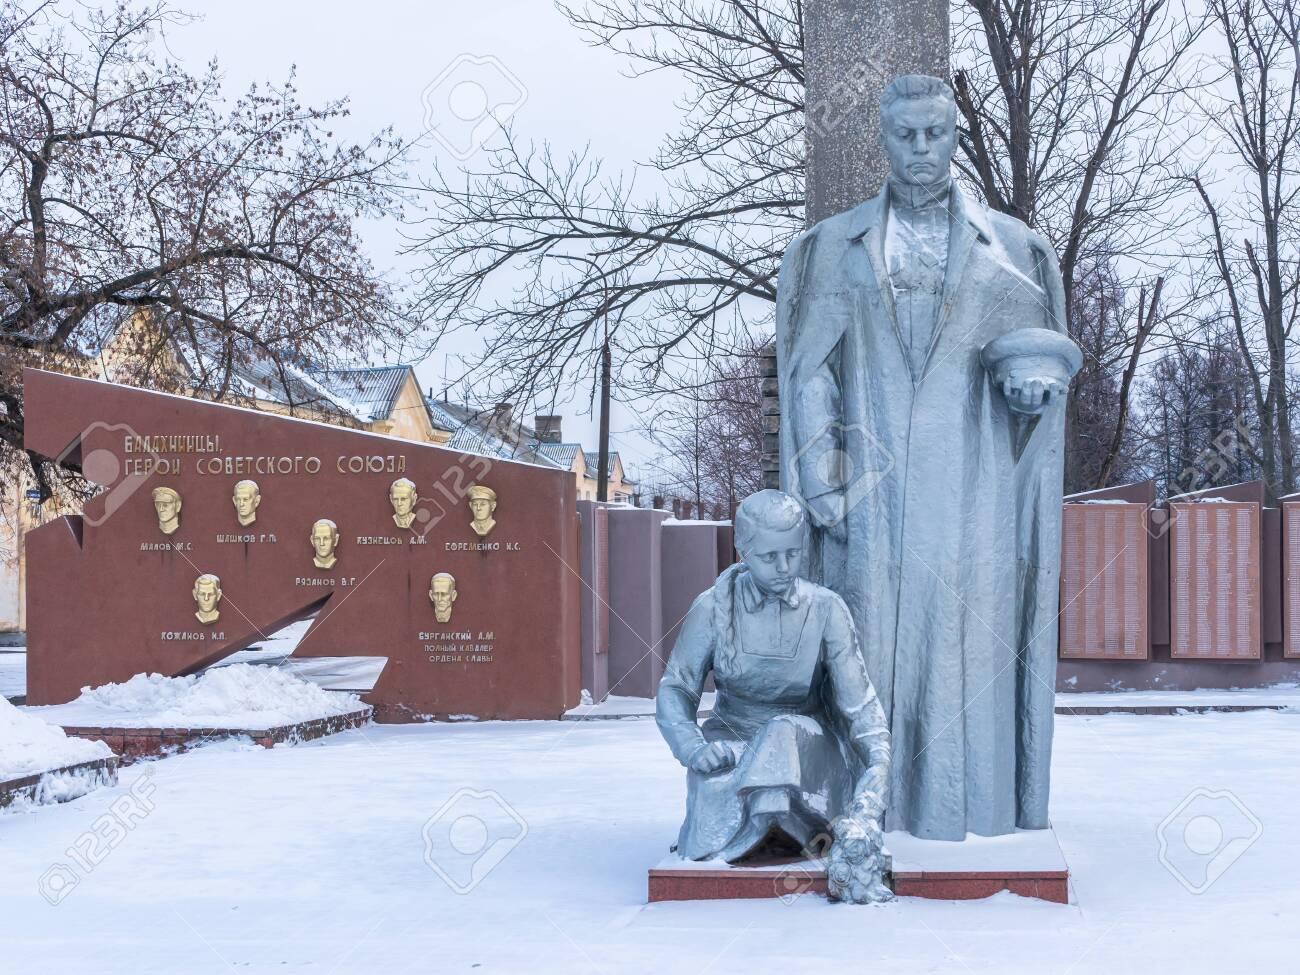 Balahna city, Nizhny Novgorod region/Russia - january 05 2020: Monument to the Balakhna heroes of the Soviet Union - 142402975